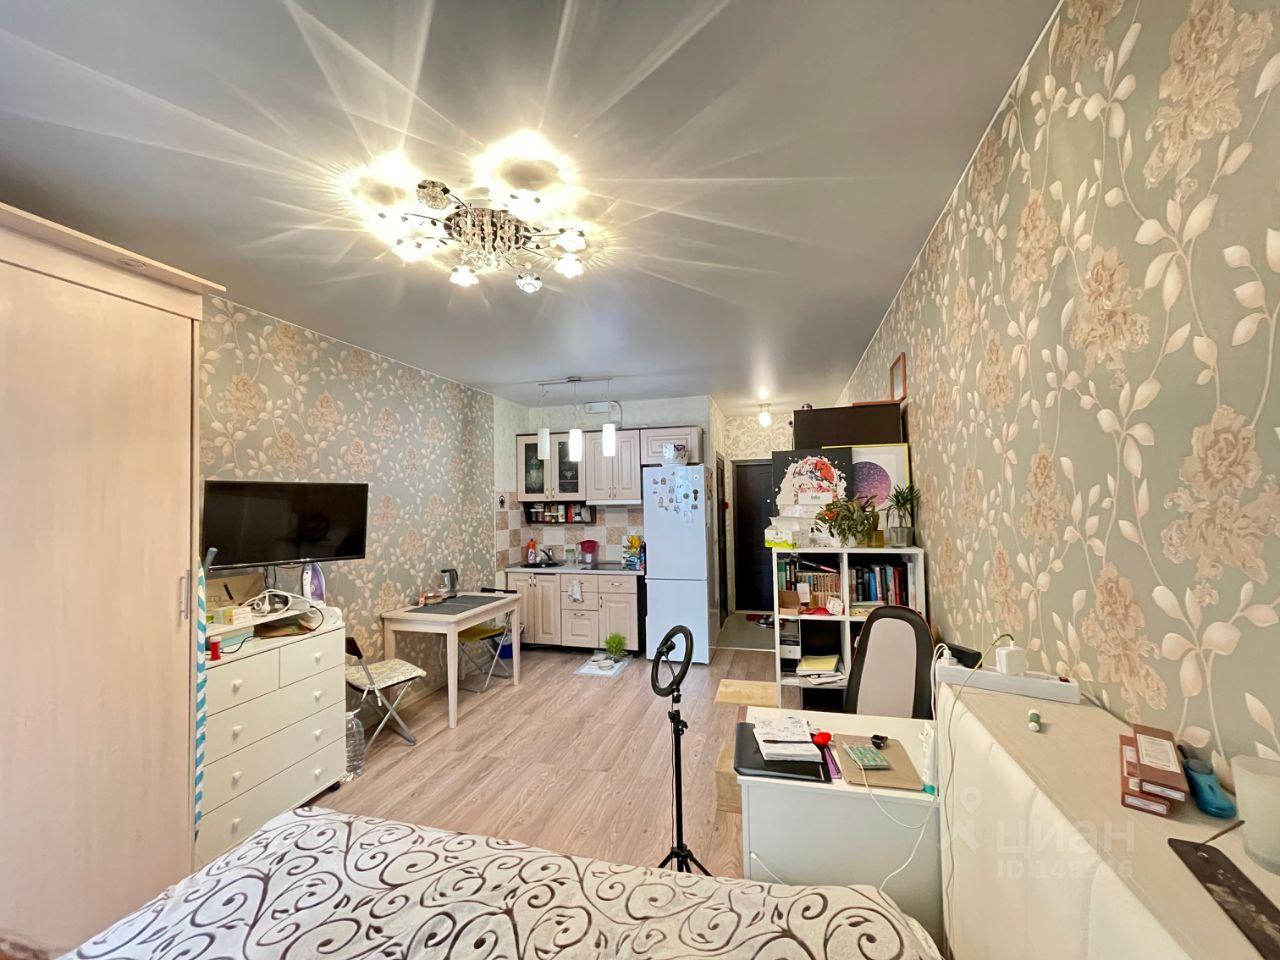 Продаю квартиру-студию 30.2м² ул. Белорусская, 8, Одинцово